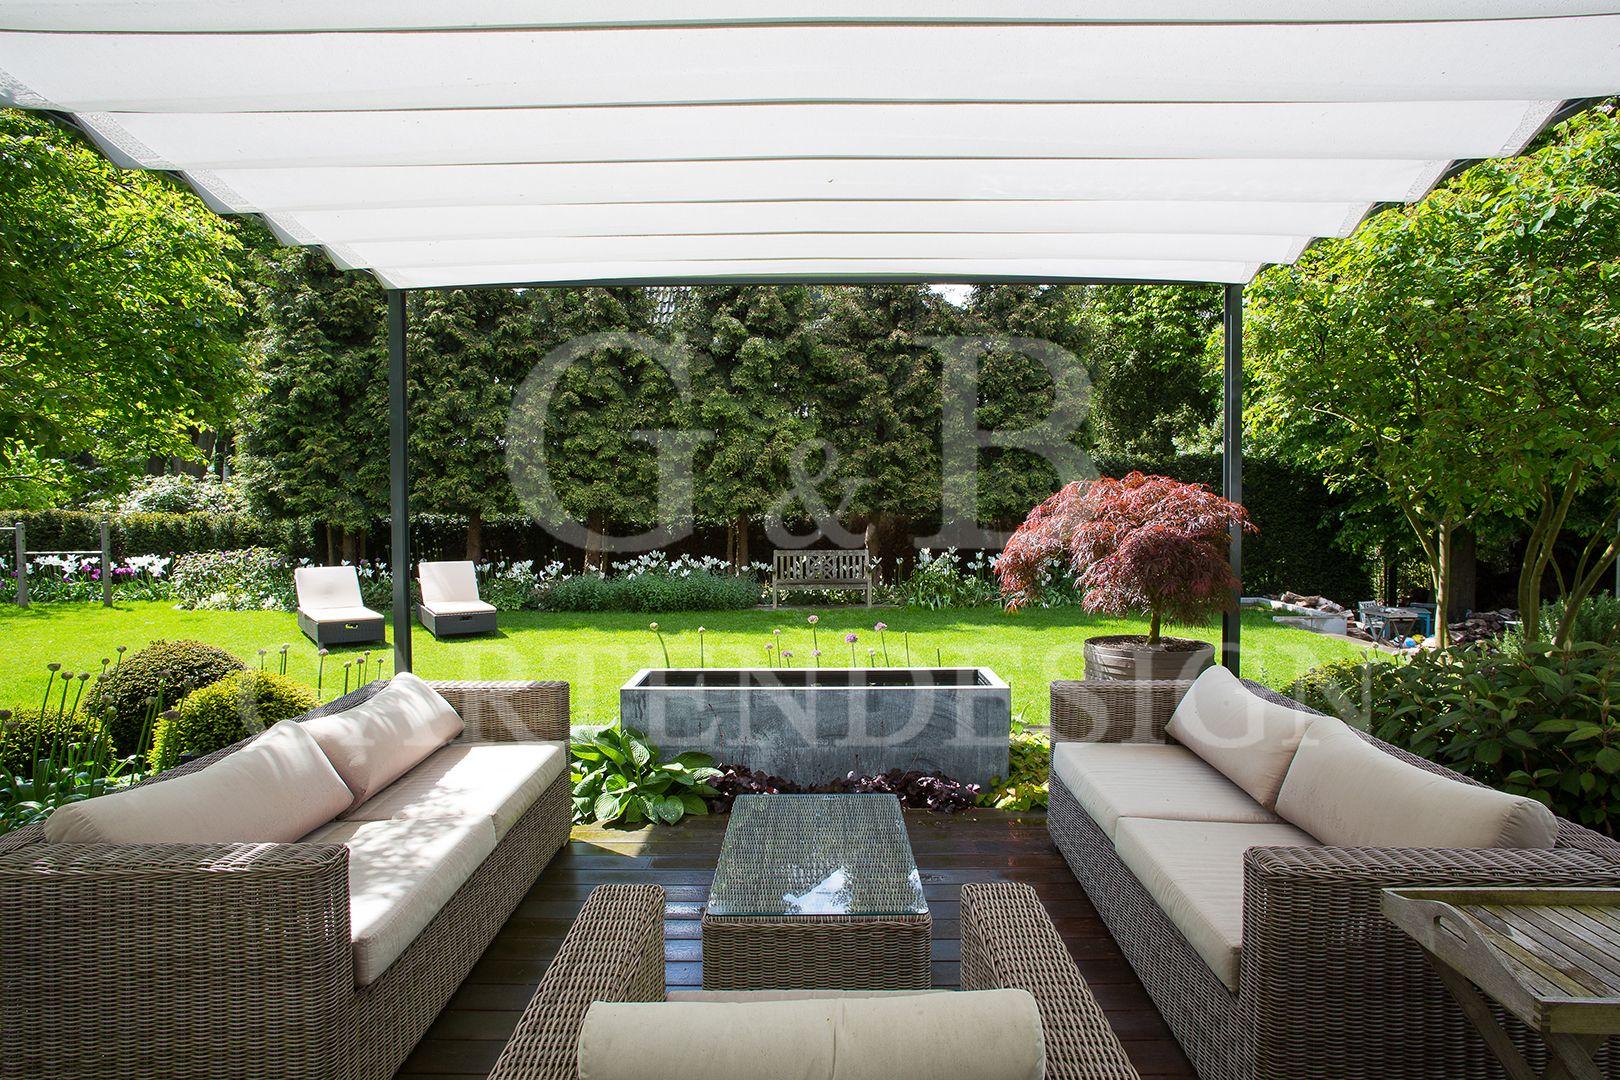 gartengestaltung / terrassengestaltung mit gartenmöbeln hamburg, Gartengerate ideen